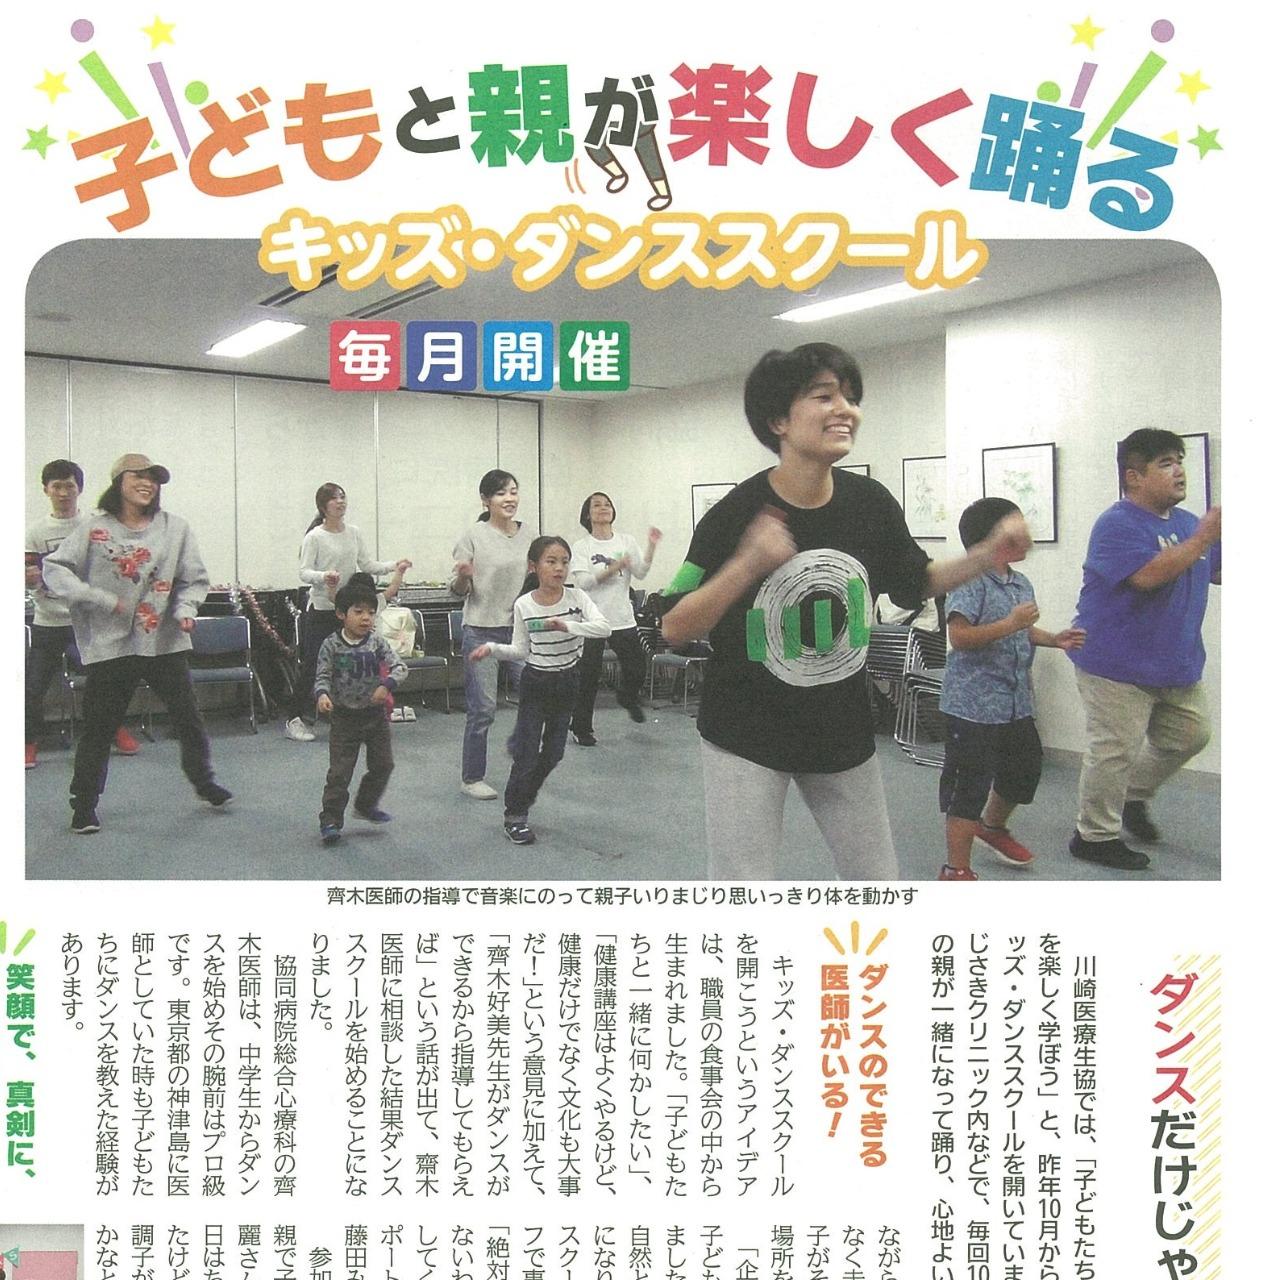 子どもと親が楽しく踊る キッズ・ダンススクール 毎月開催